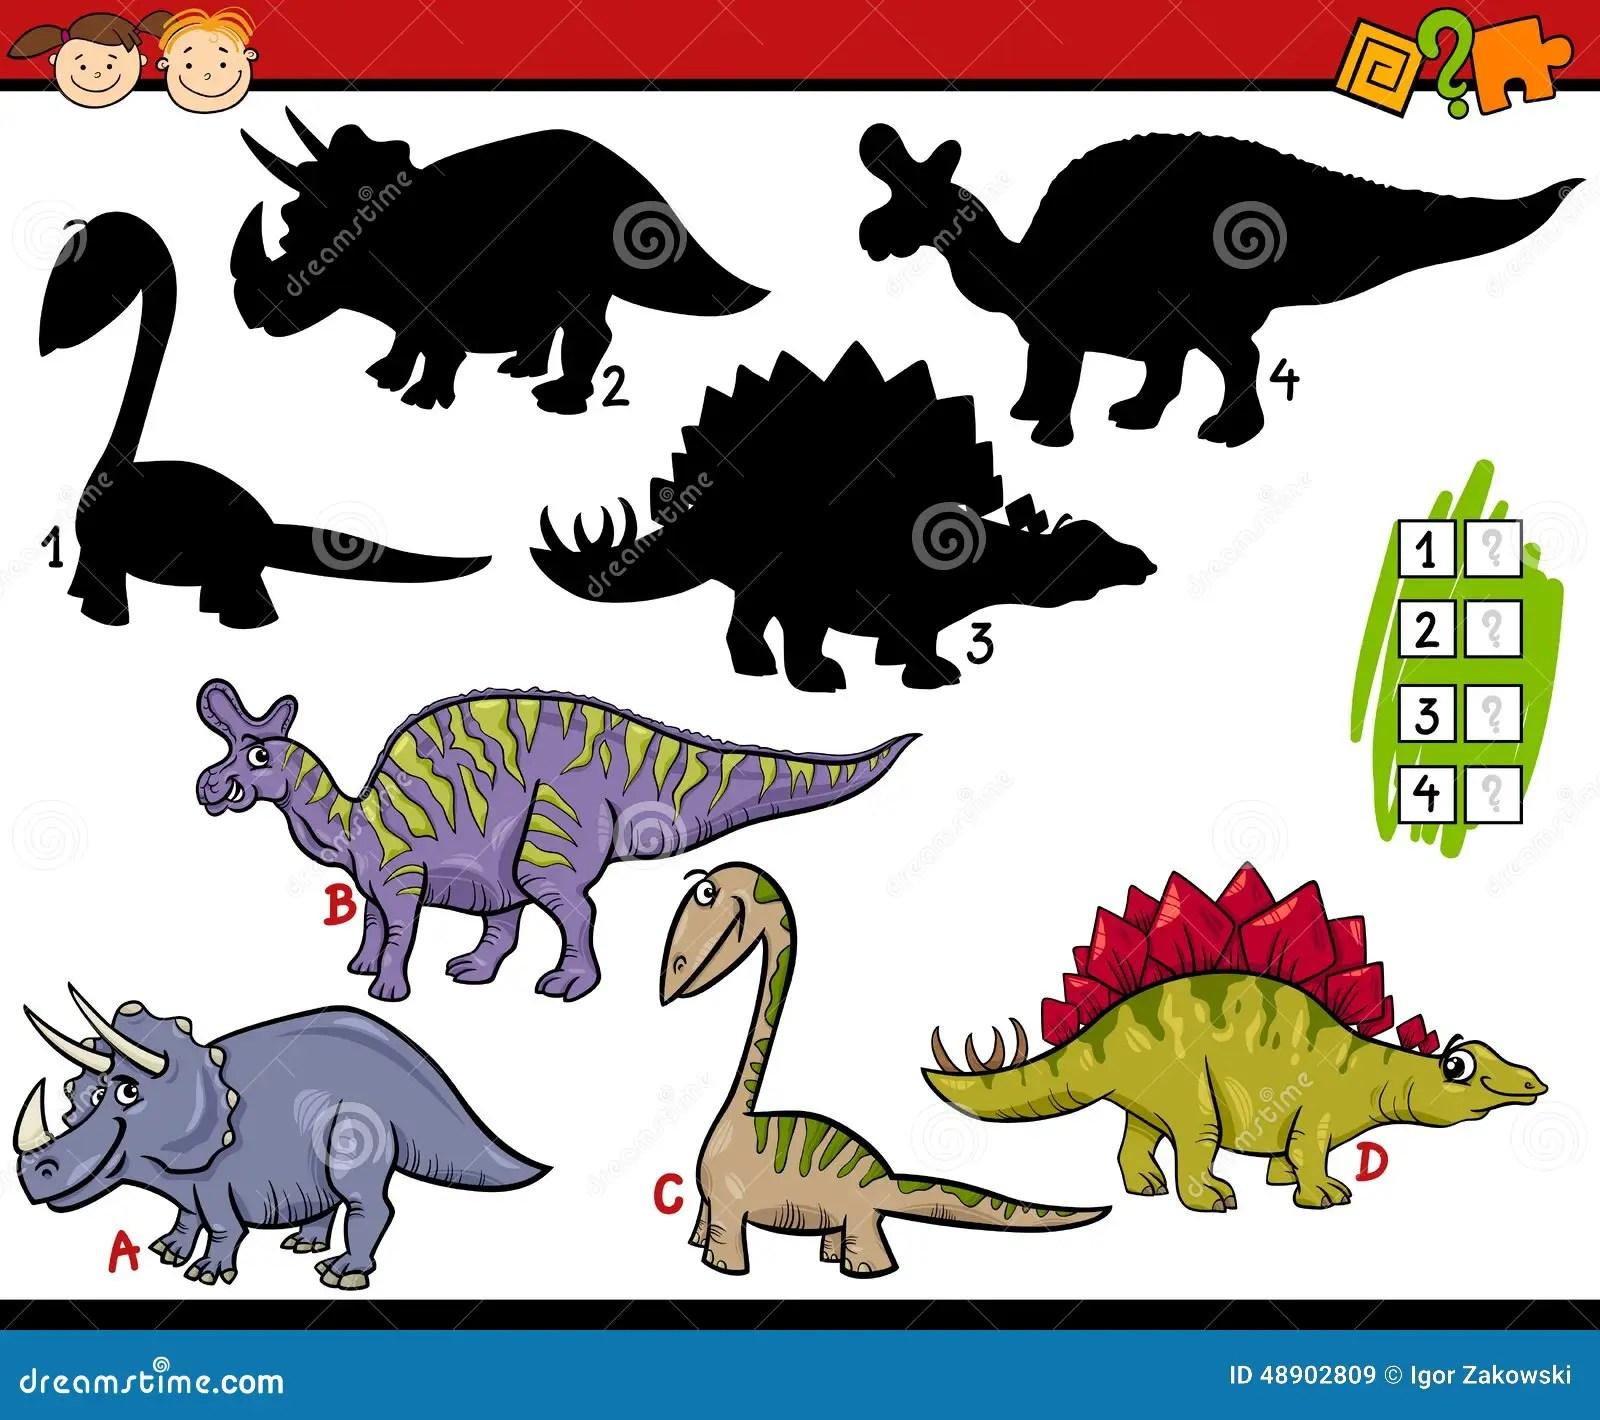 Education Shadows Game Cartoon Stock Vector